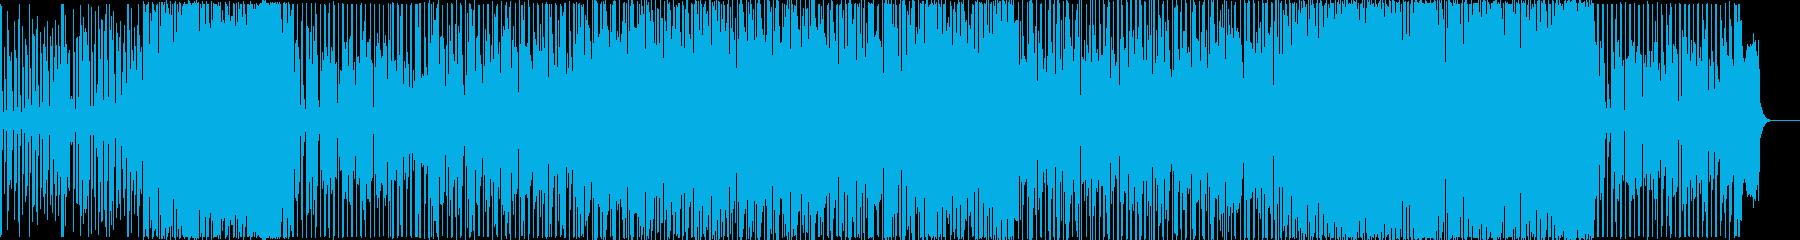 緊迫感のあるラテン音楽の再生済みの波形